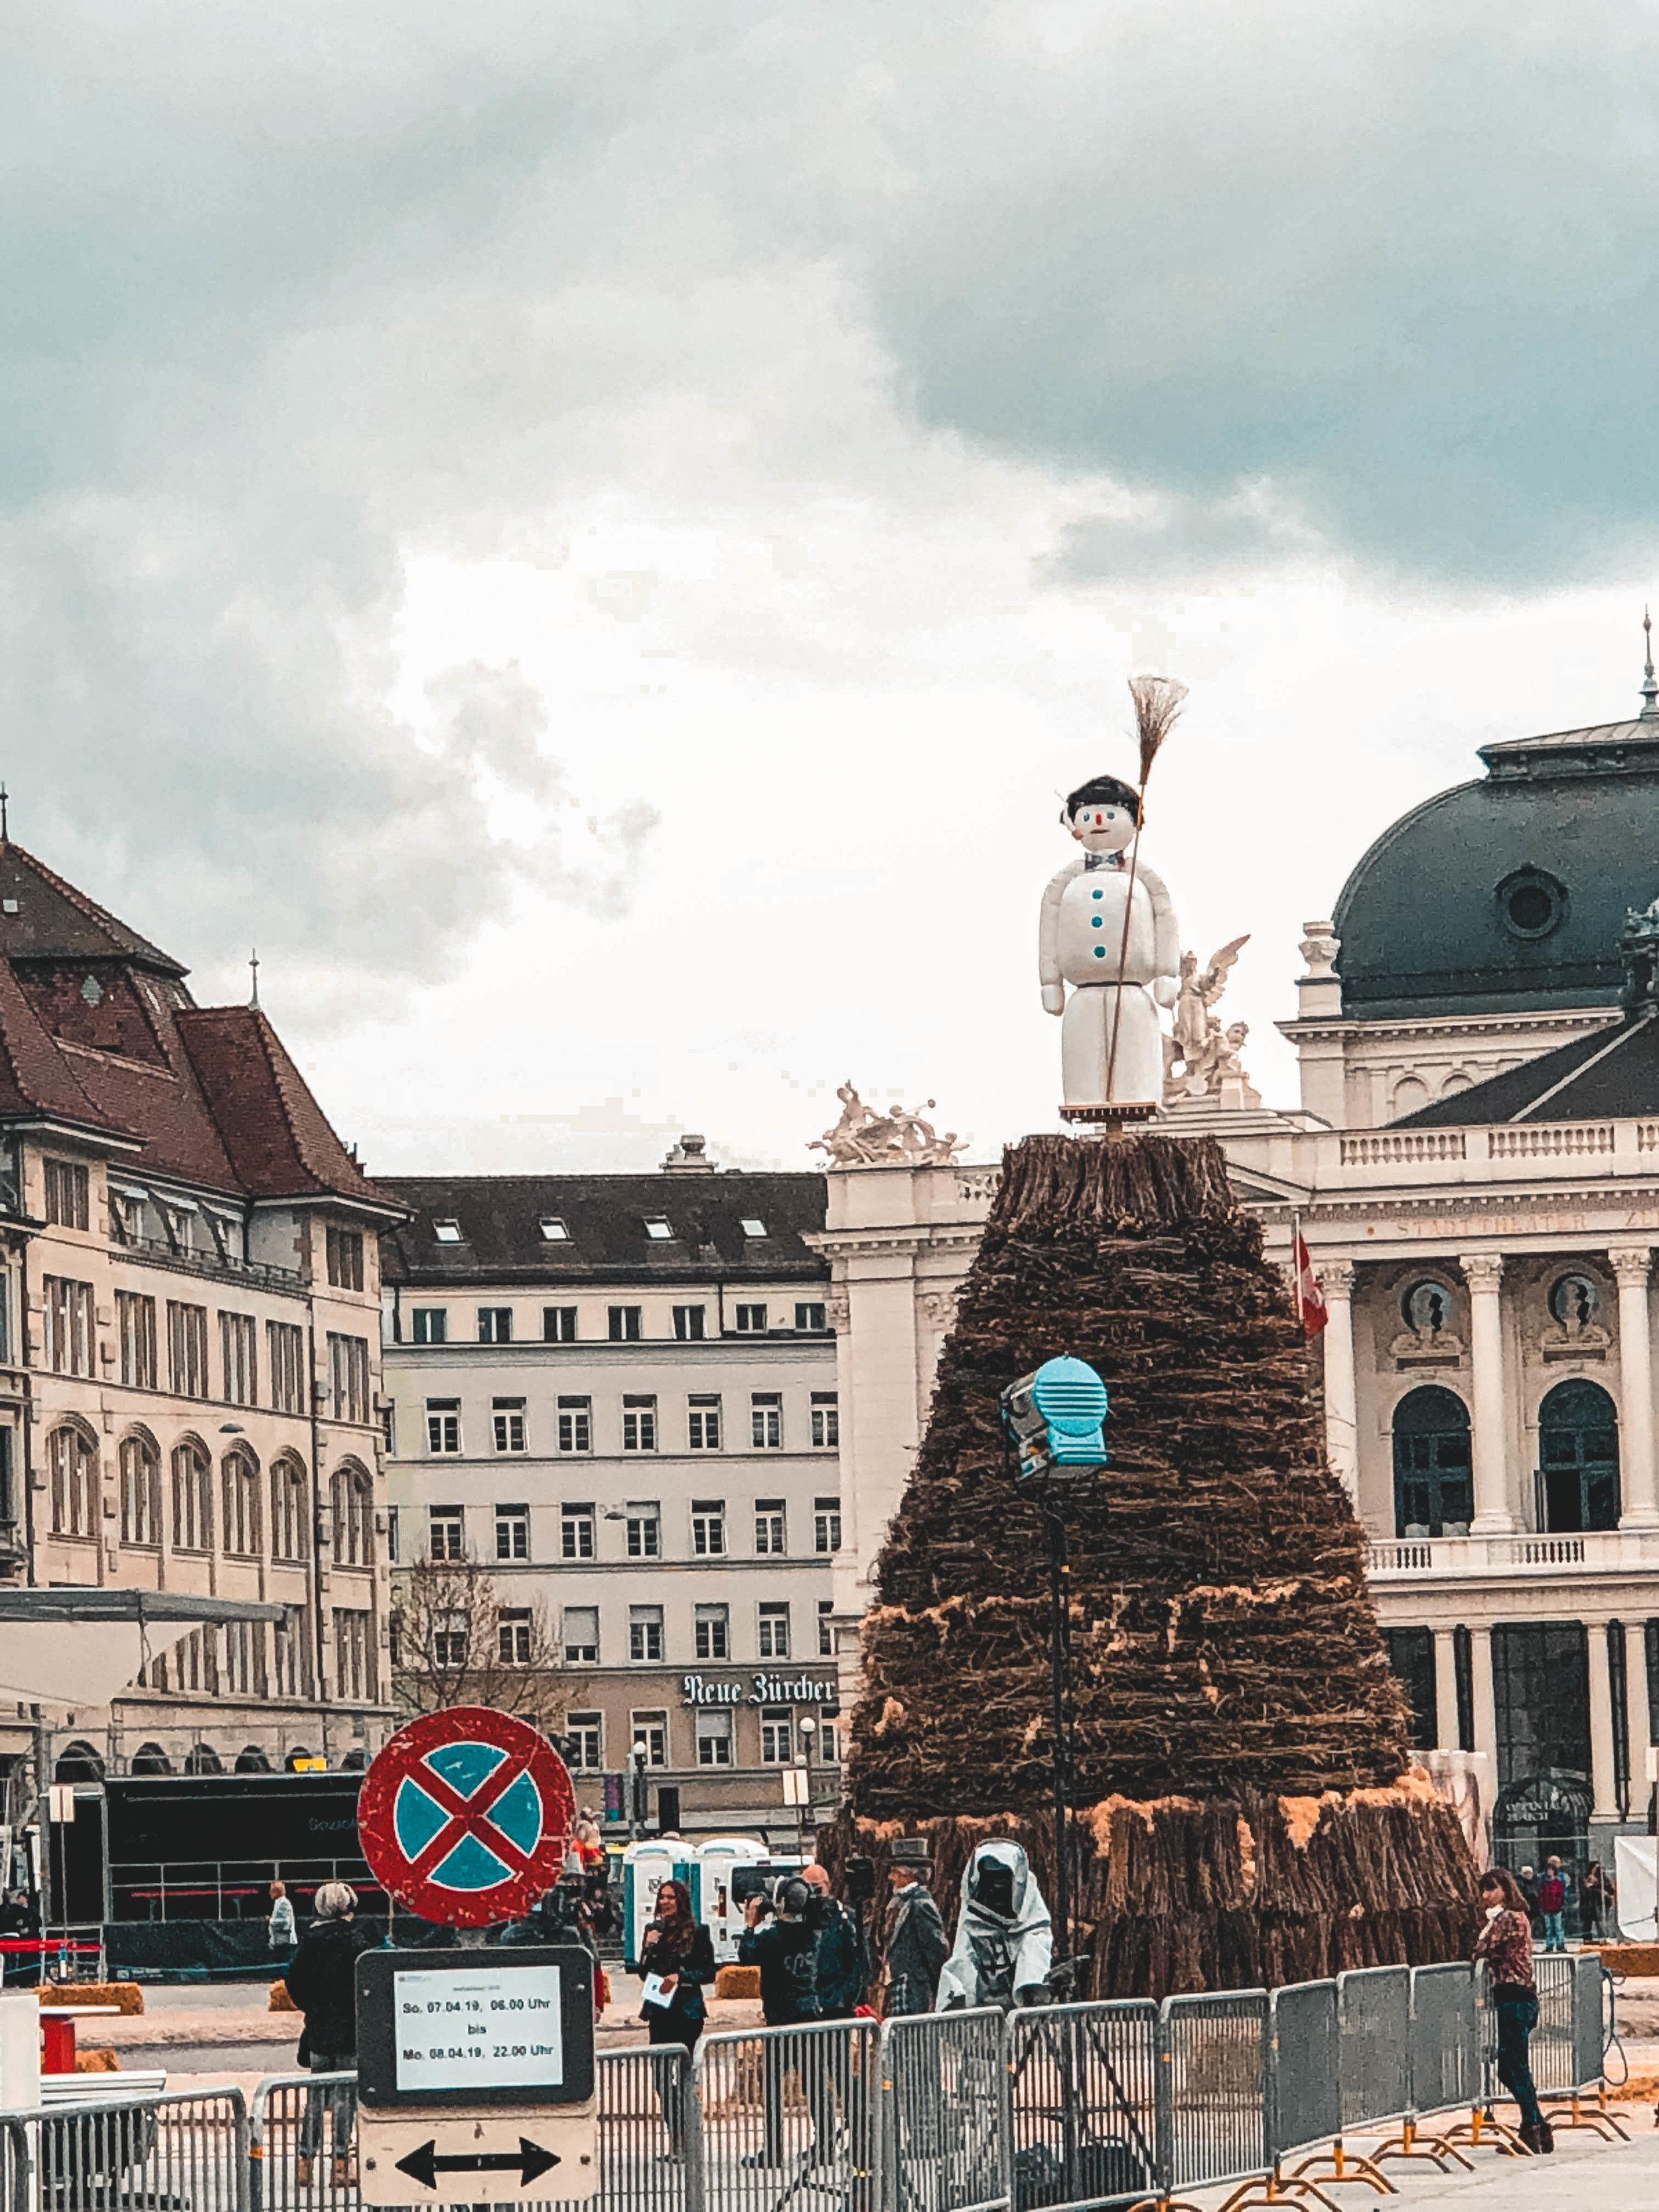 The Boogg at Sechseläuten 2019 in Zurich Switzerland